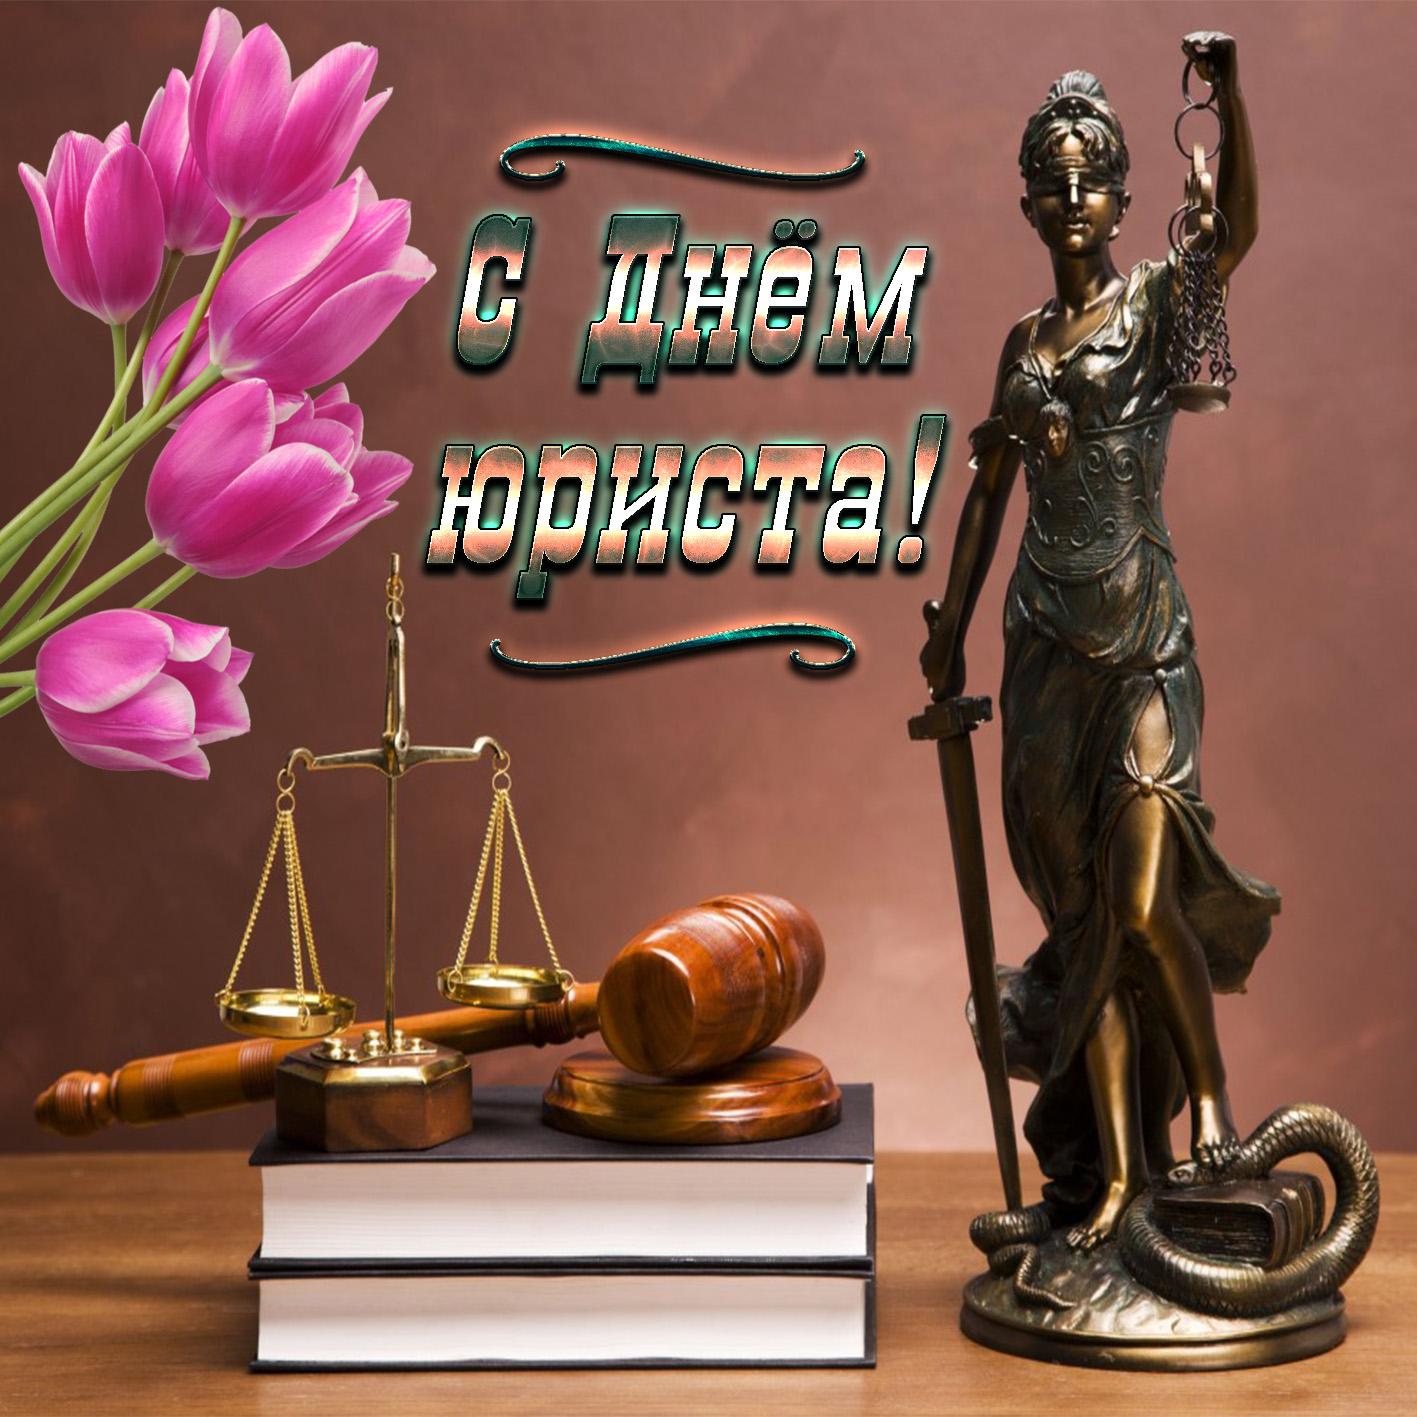 Картинка с Фемидой и тюльпанами на День юриста